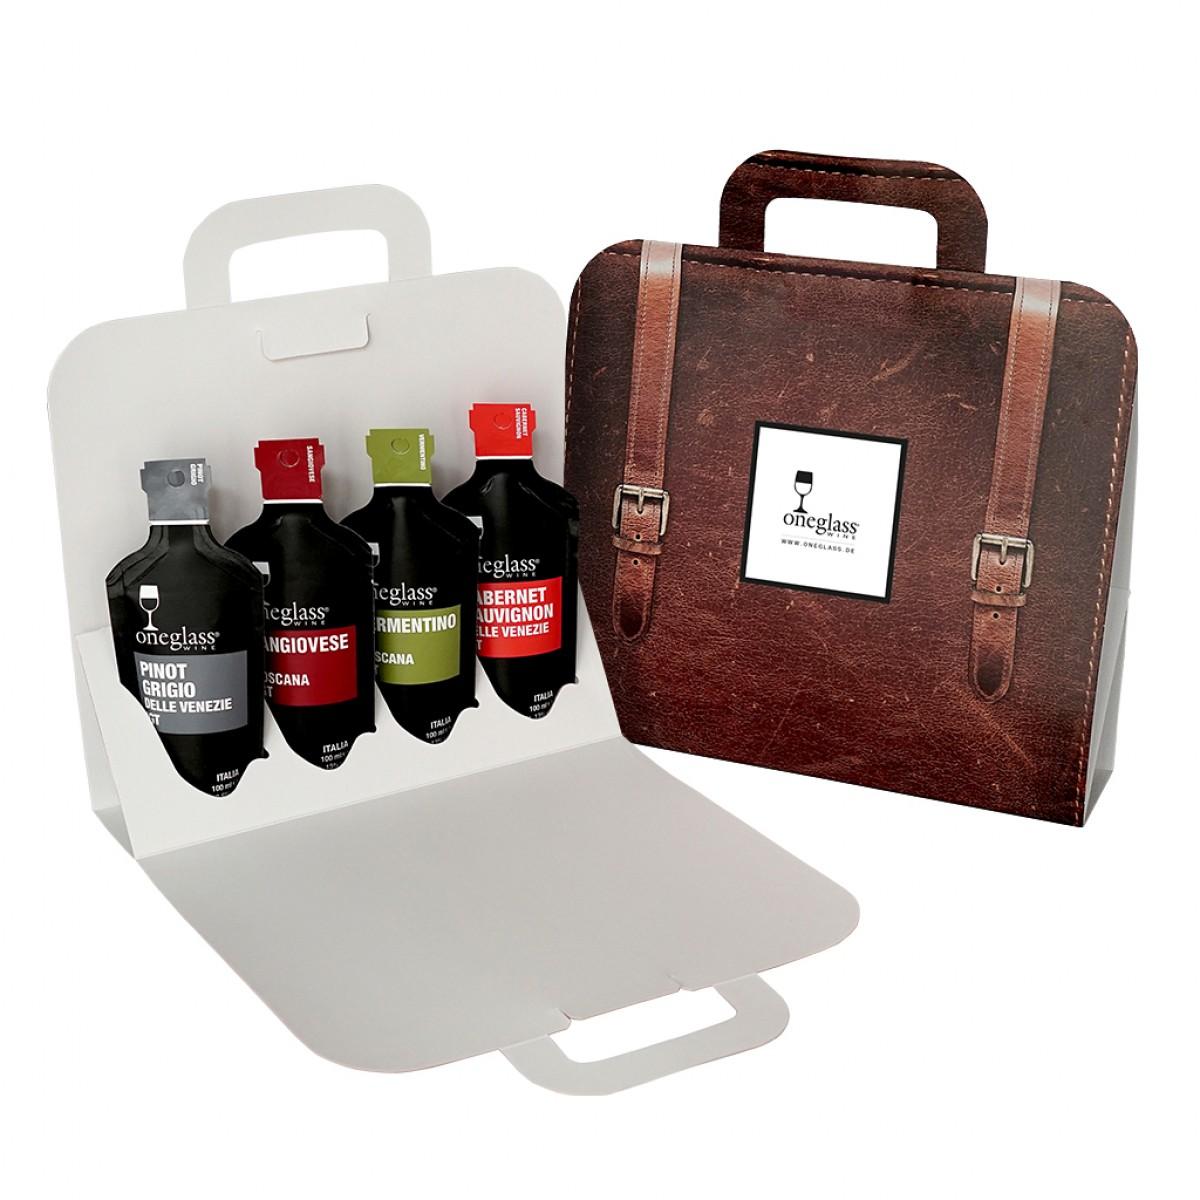 4er Oneglass Wein Mix Tasche